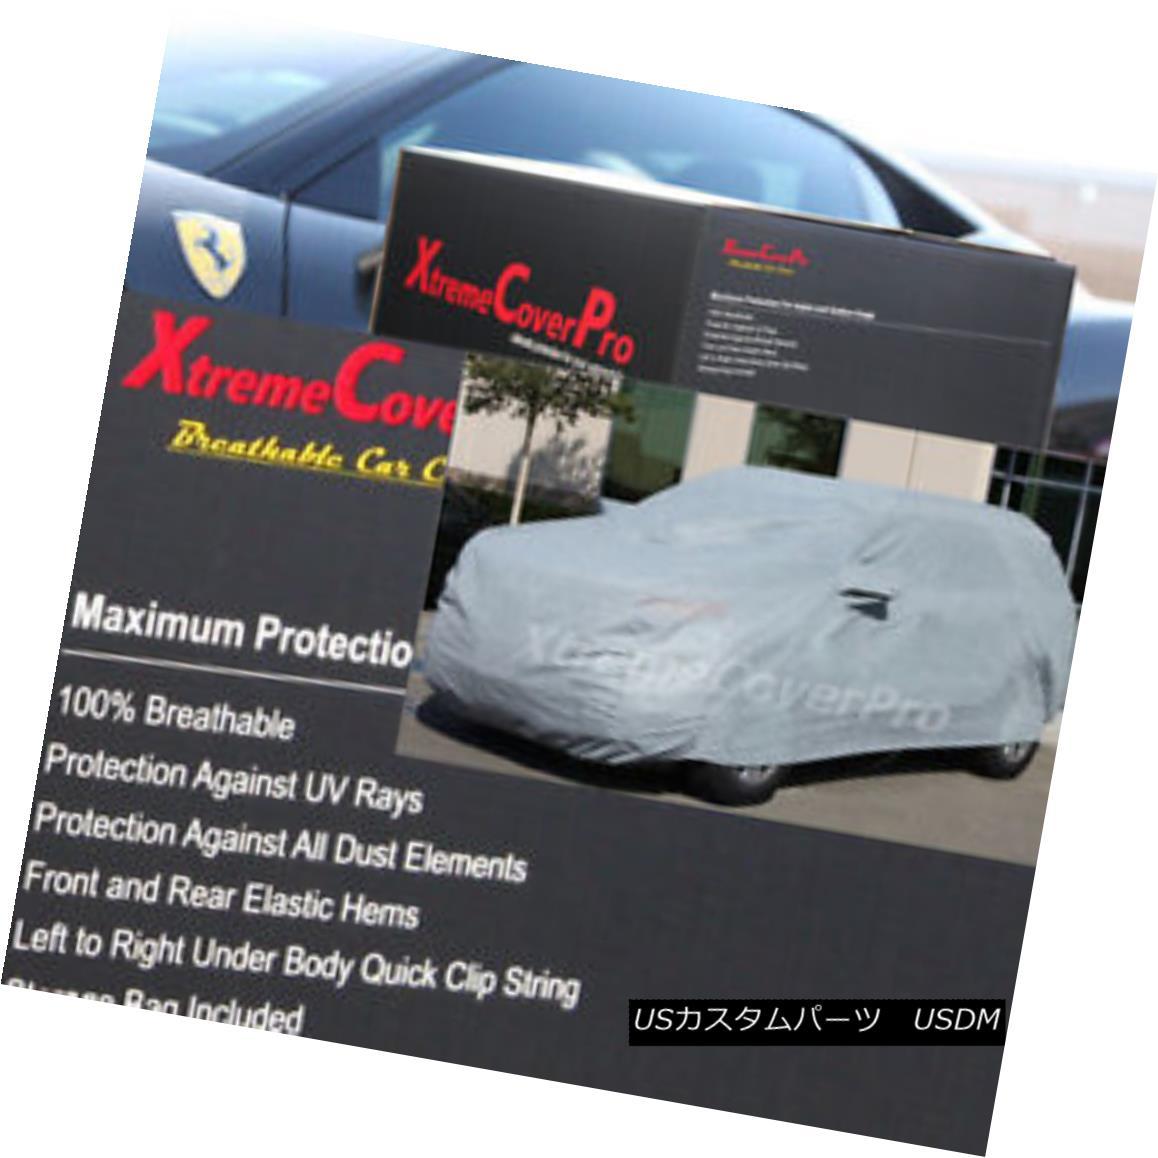 カーカバー 2013 Acura RDX Breathable Car Cover w/MirrorPocket MirrorPocketを搭載した2013 Acura RDX通気性車カバー